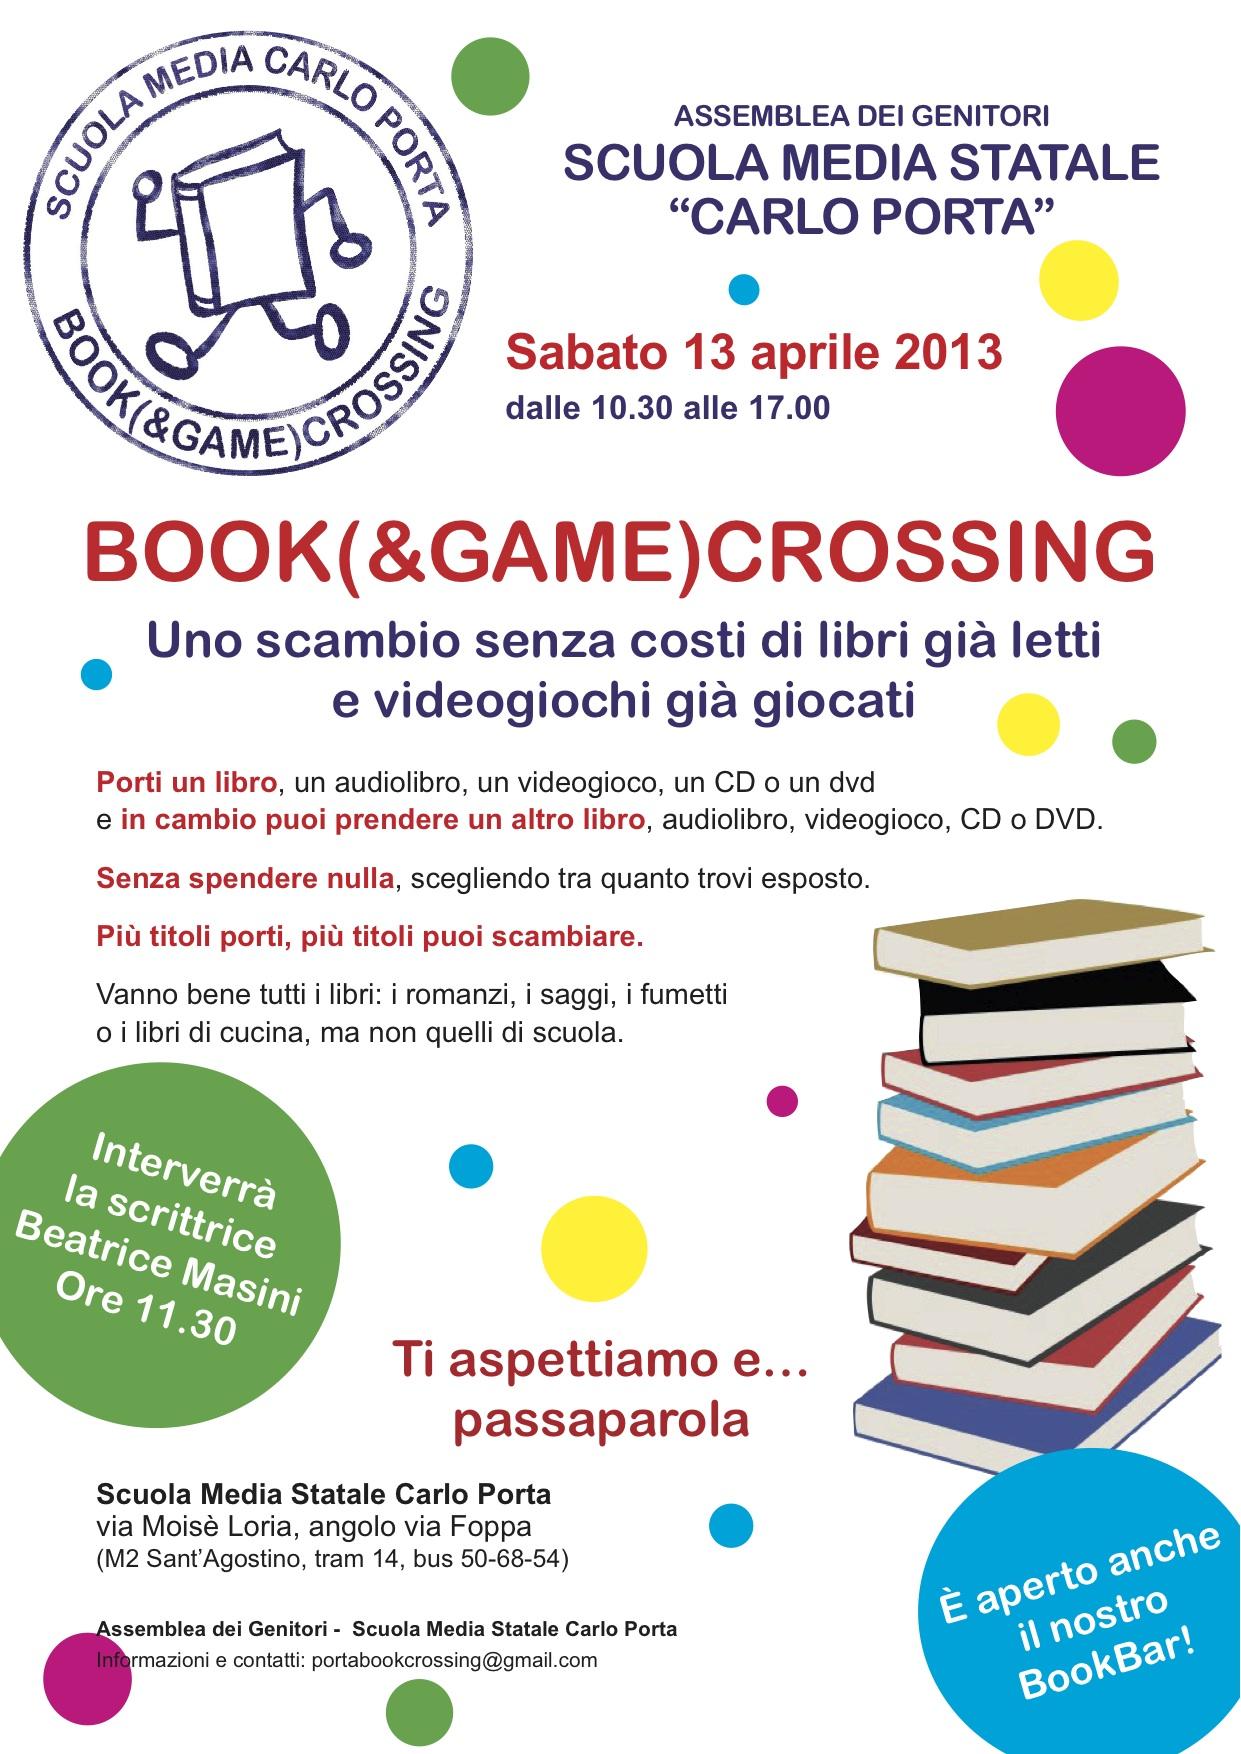 Book and game crossing alla scuola carlo porta adgruffini - Scuola carlo porta milano ...